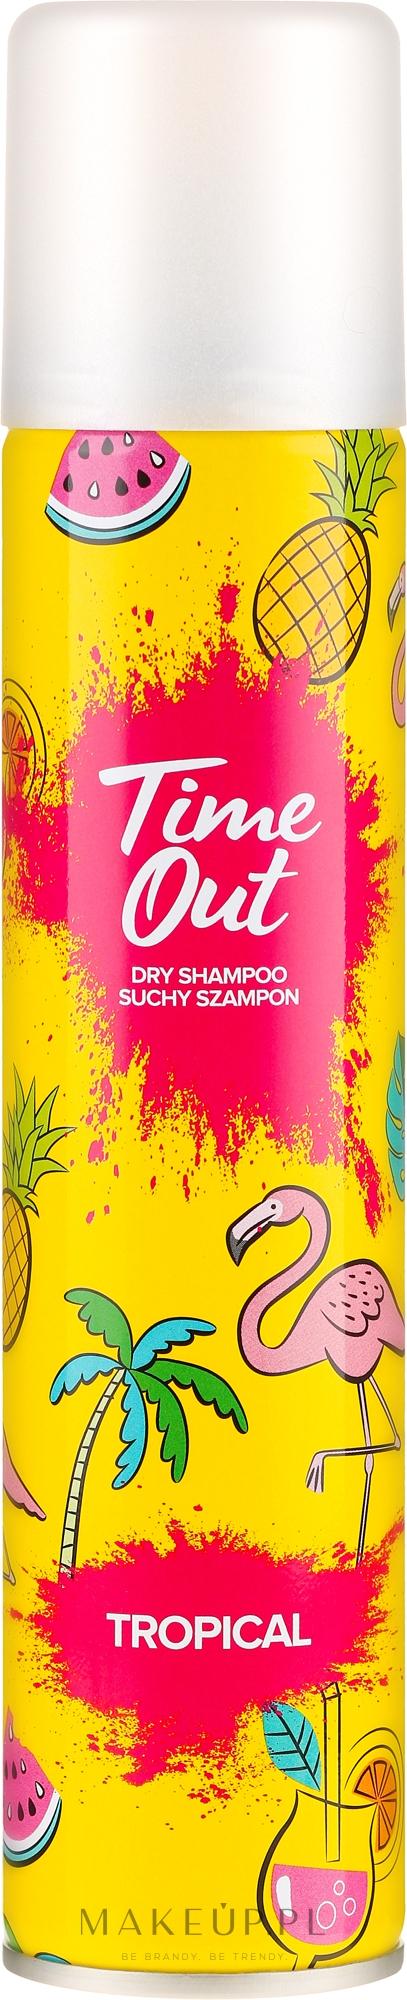 Suchy szampon do włosów Tropikalny - Time Out Tropical — фото 200 ml